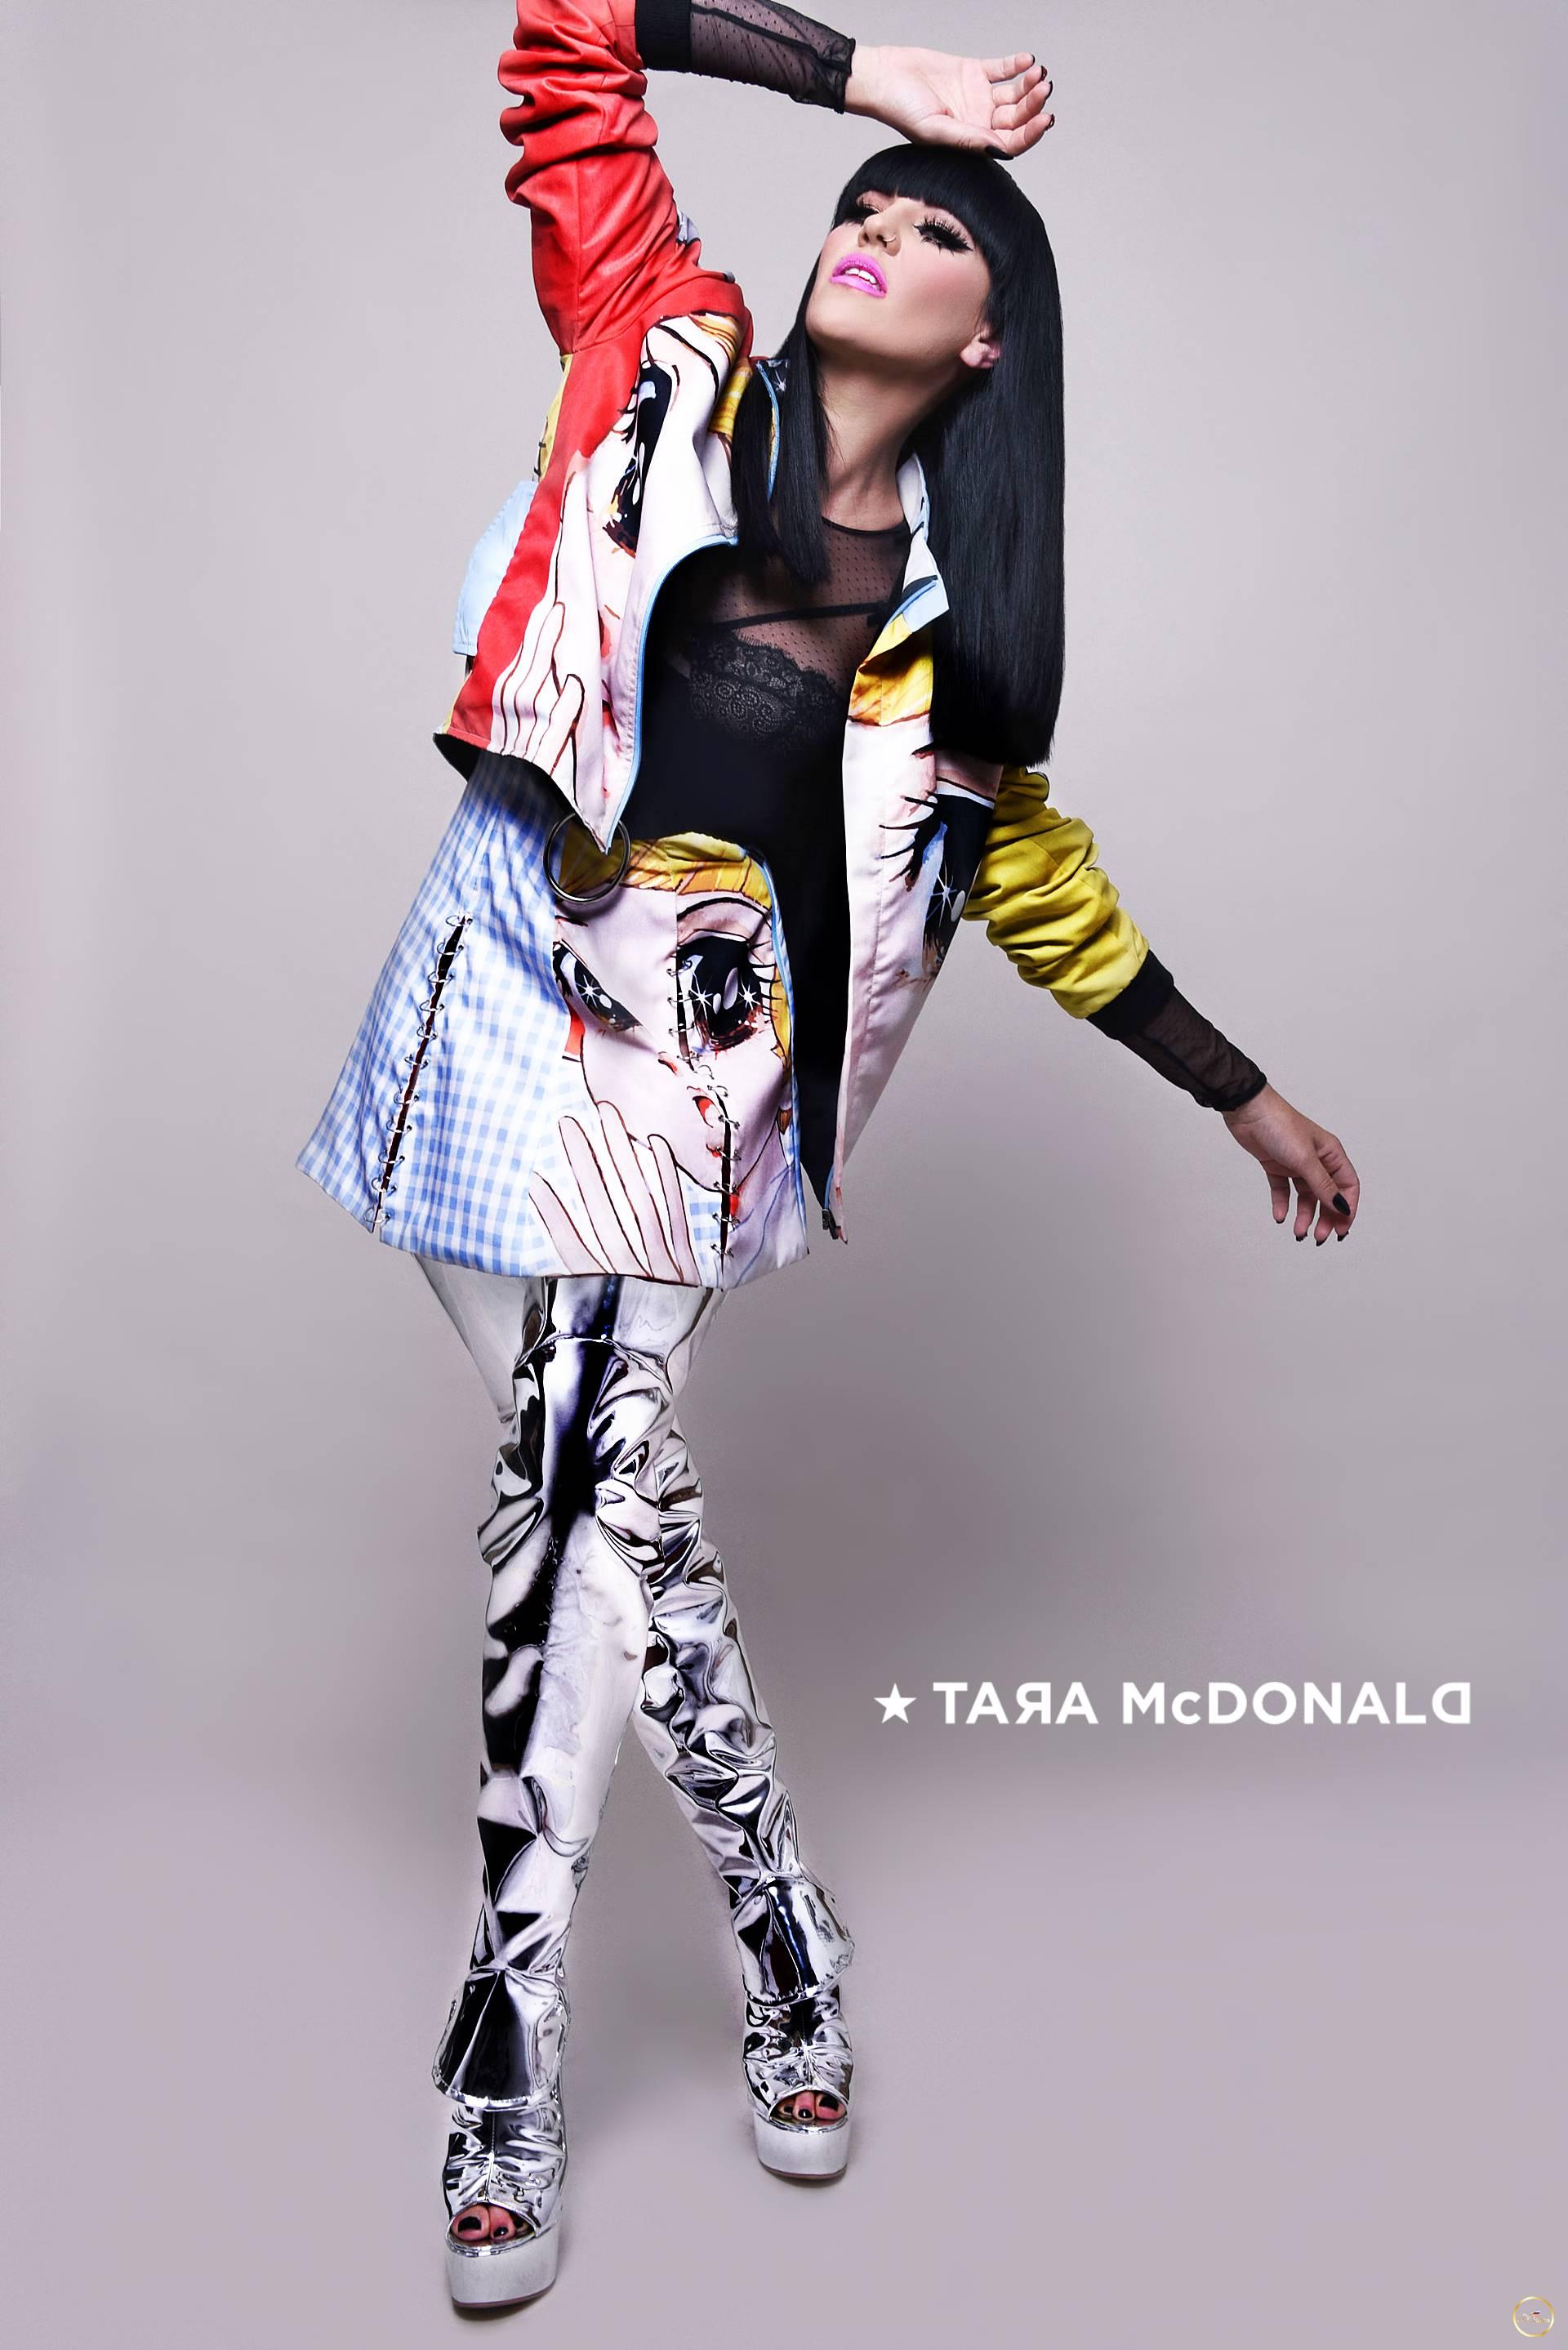 Tara McDonald